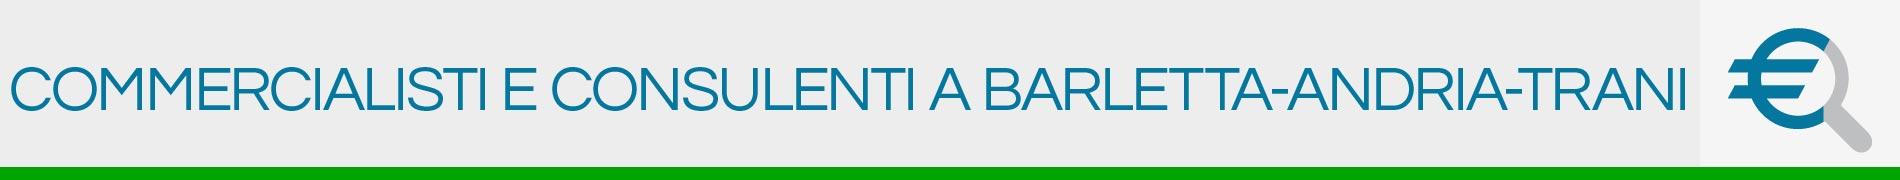 Commercialisti e Consulenti a Barletta Andria Trani